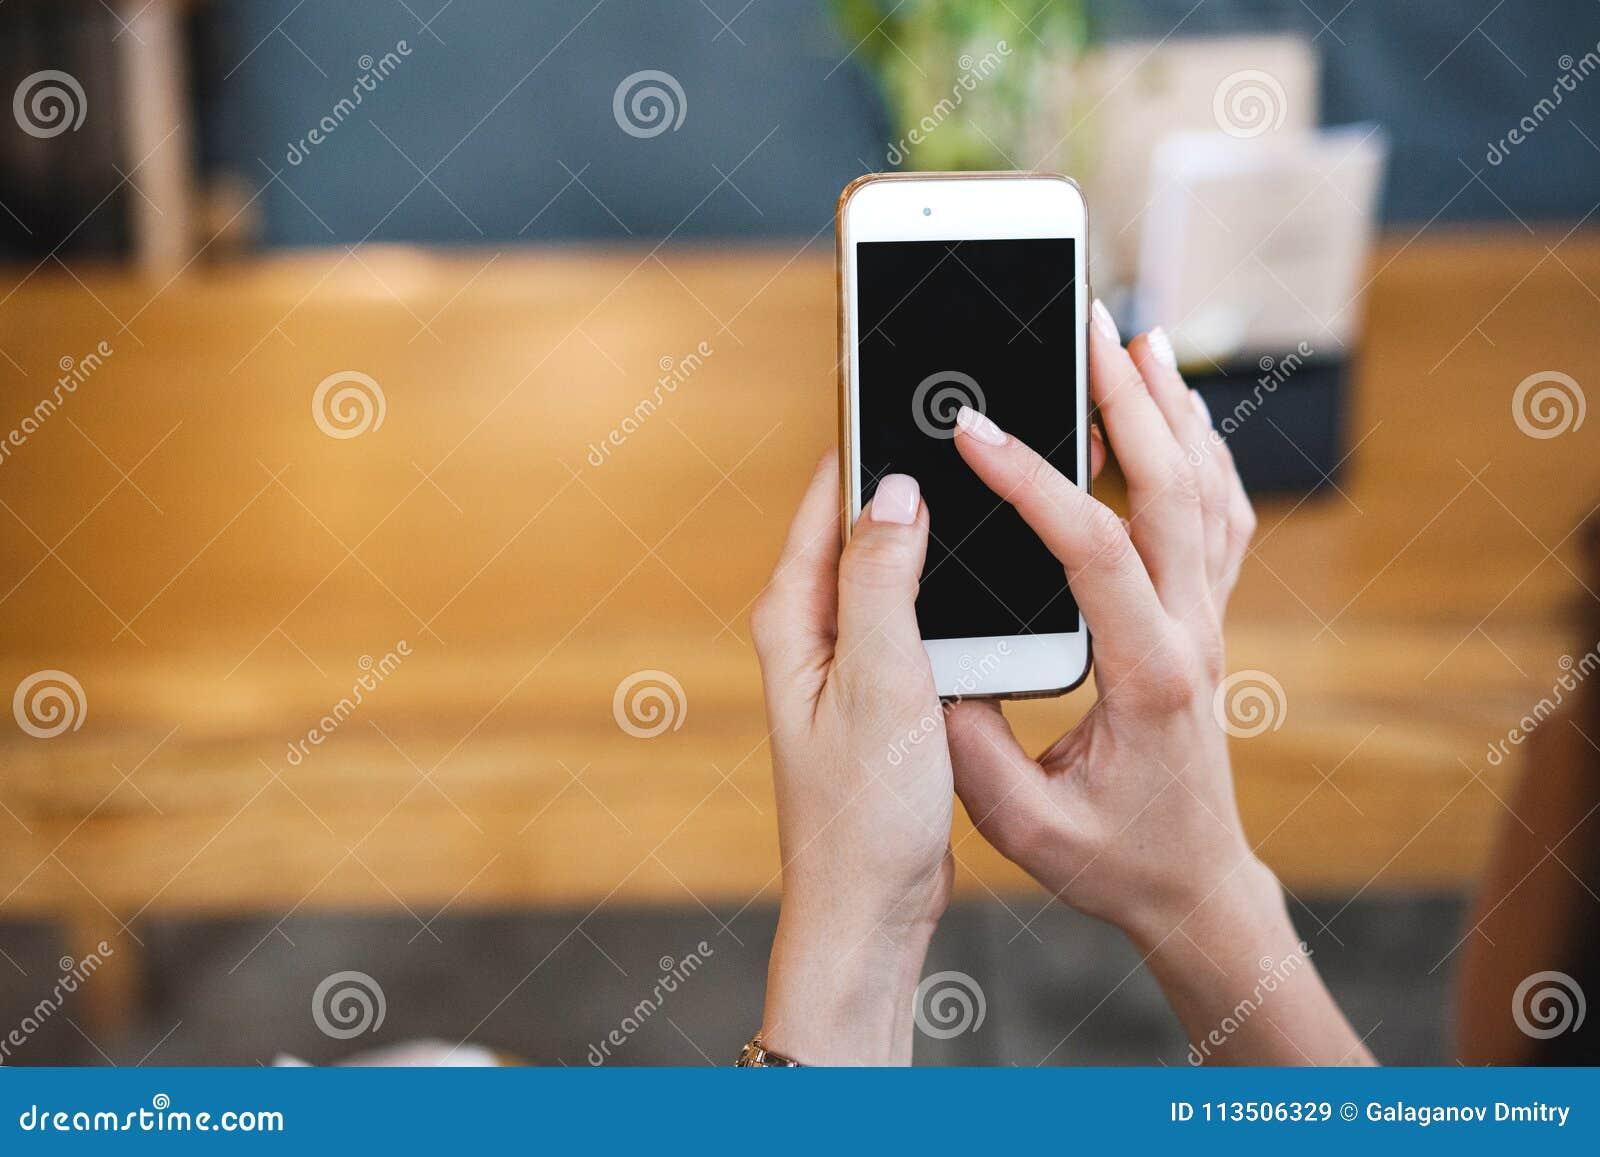 Το τηλέφωνο στα χέρια του κοριτσιού Κενή τηλεφωνική οθόνη και αναζήτηση των εφαρμογών ή πληροφορίες για το διαδίκτυο